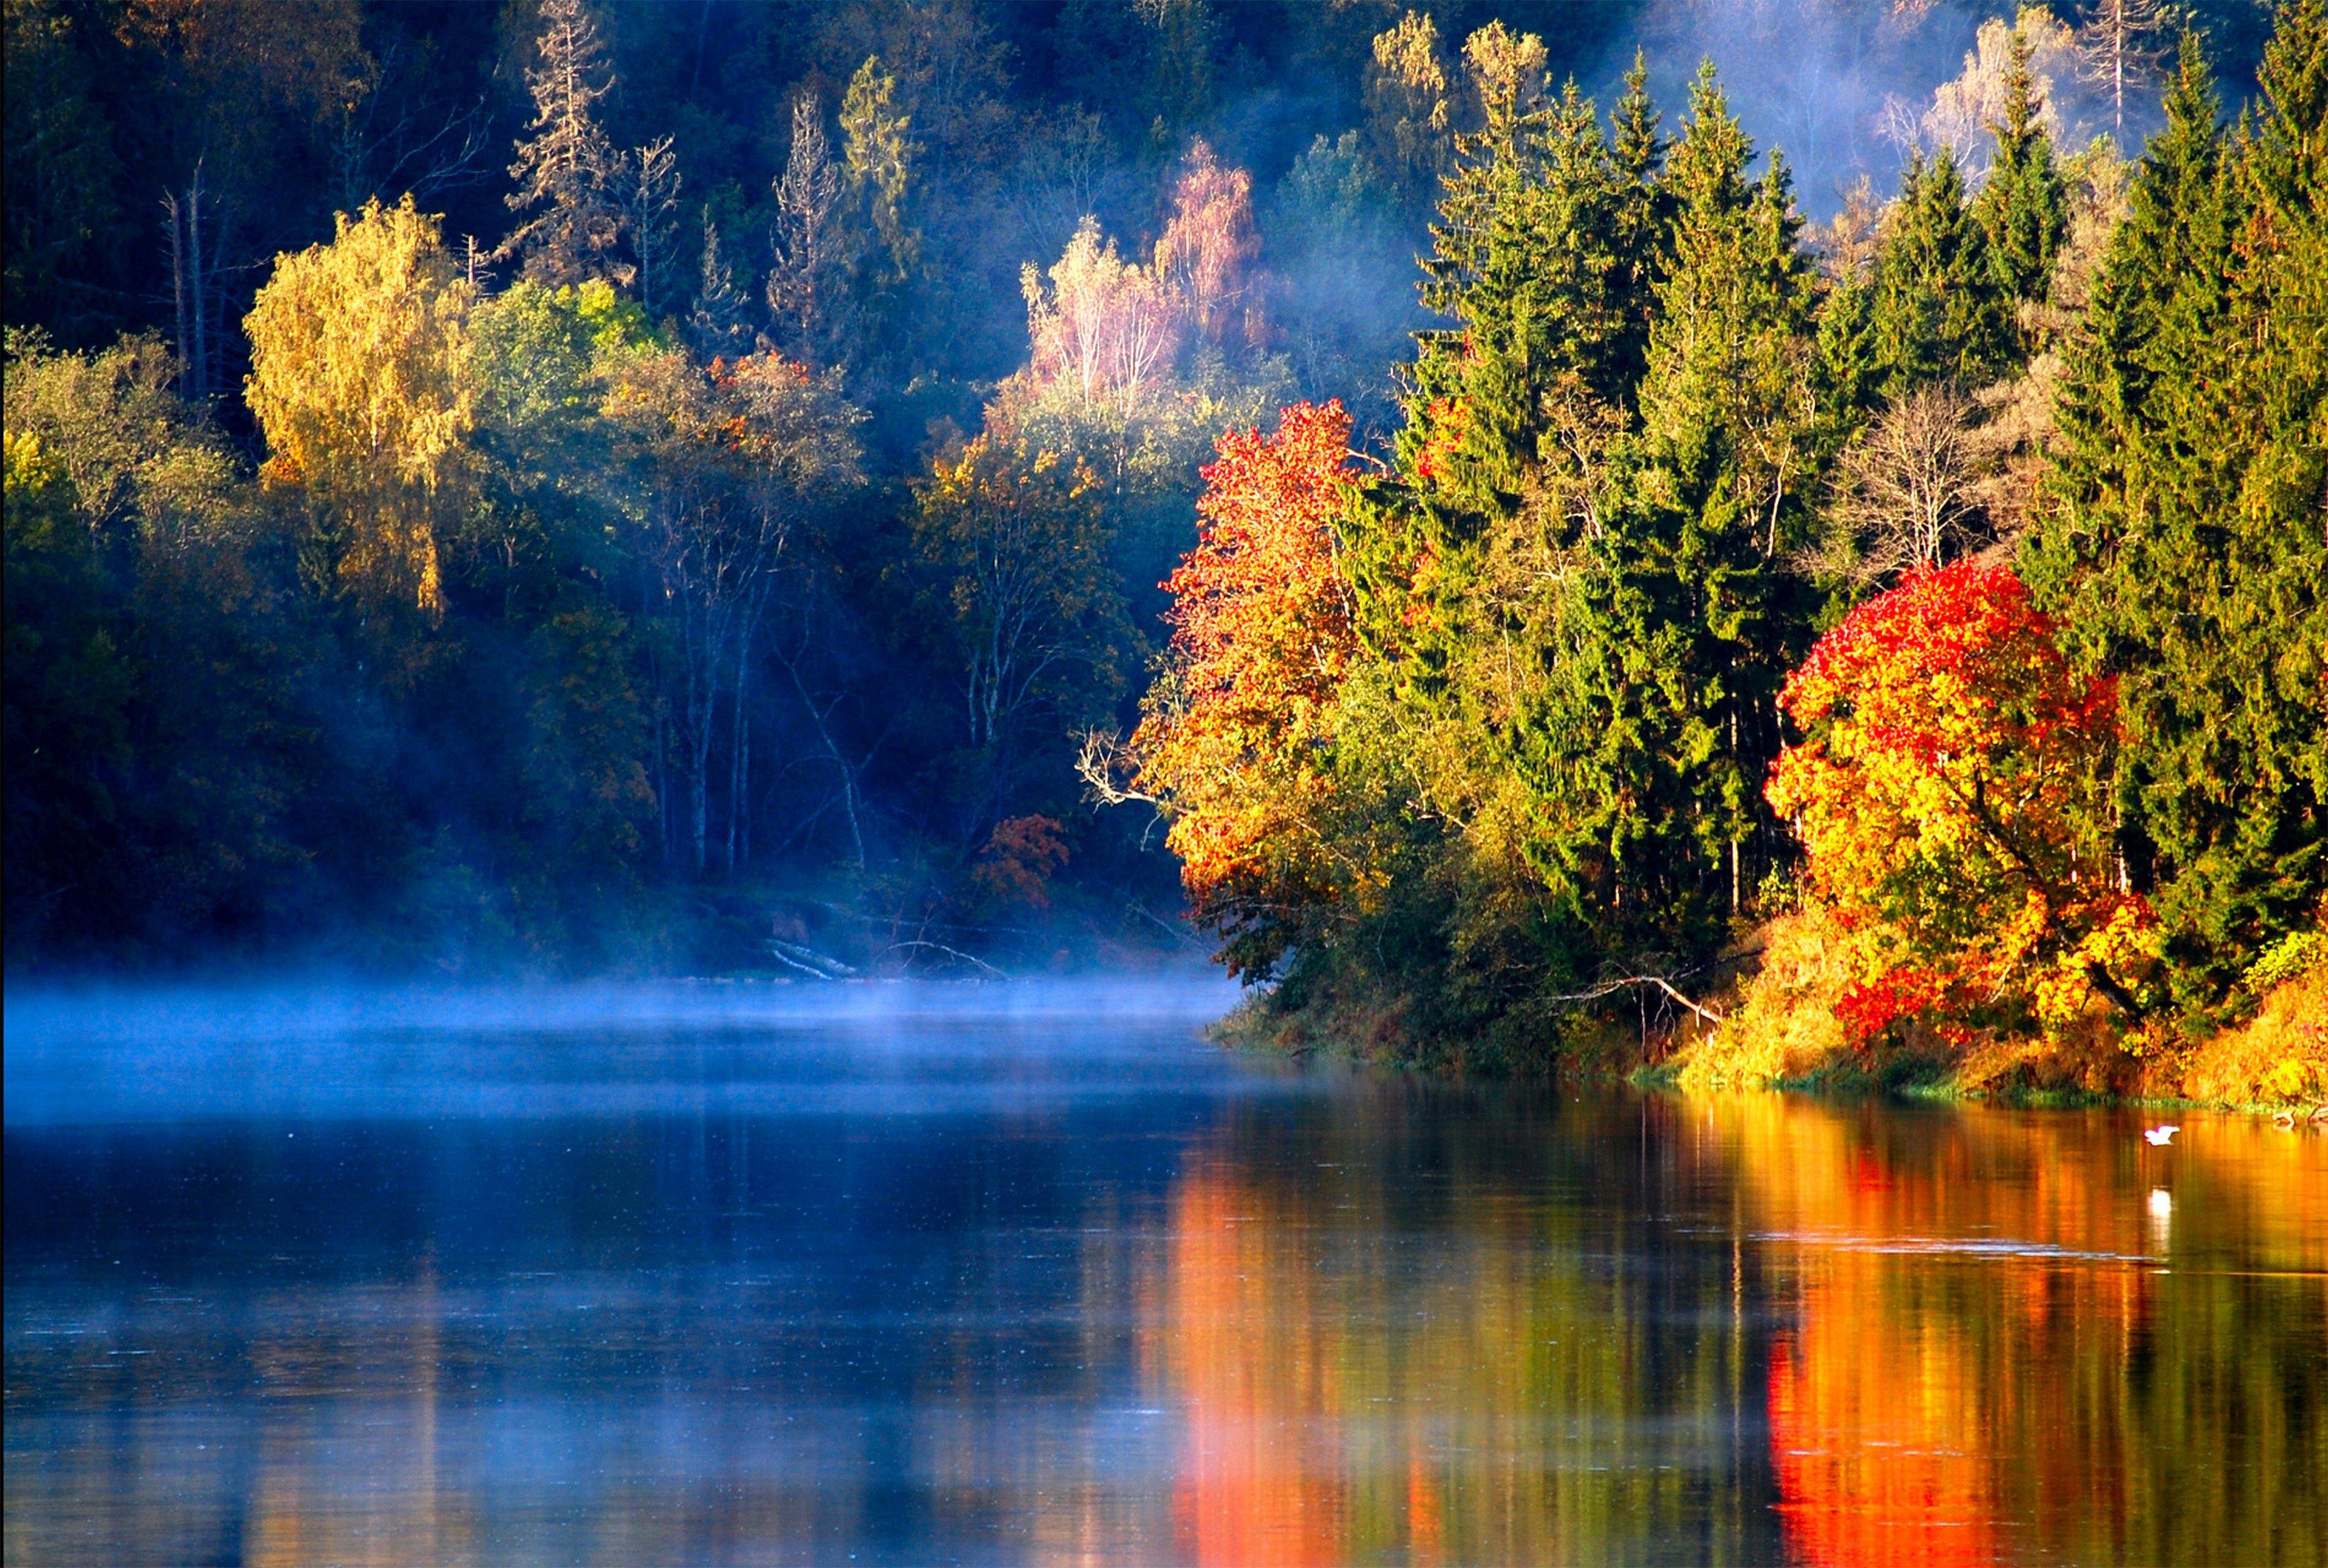 nature hd images for desktop